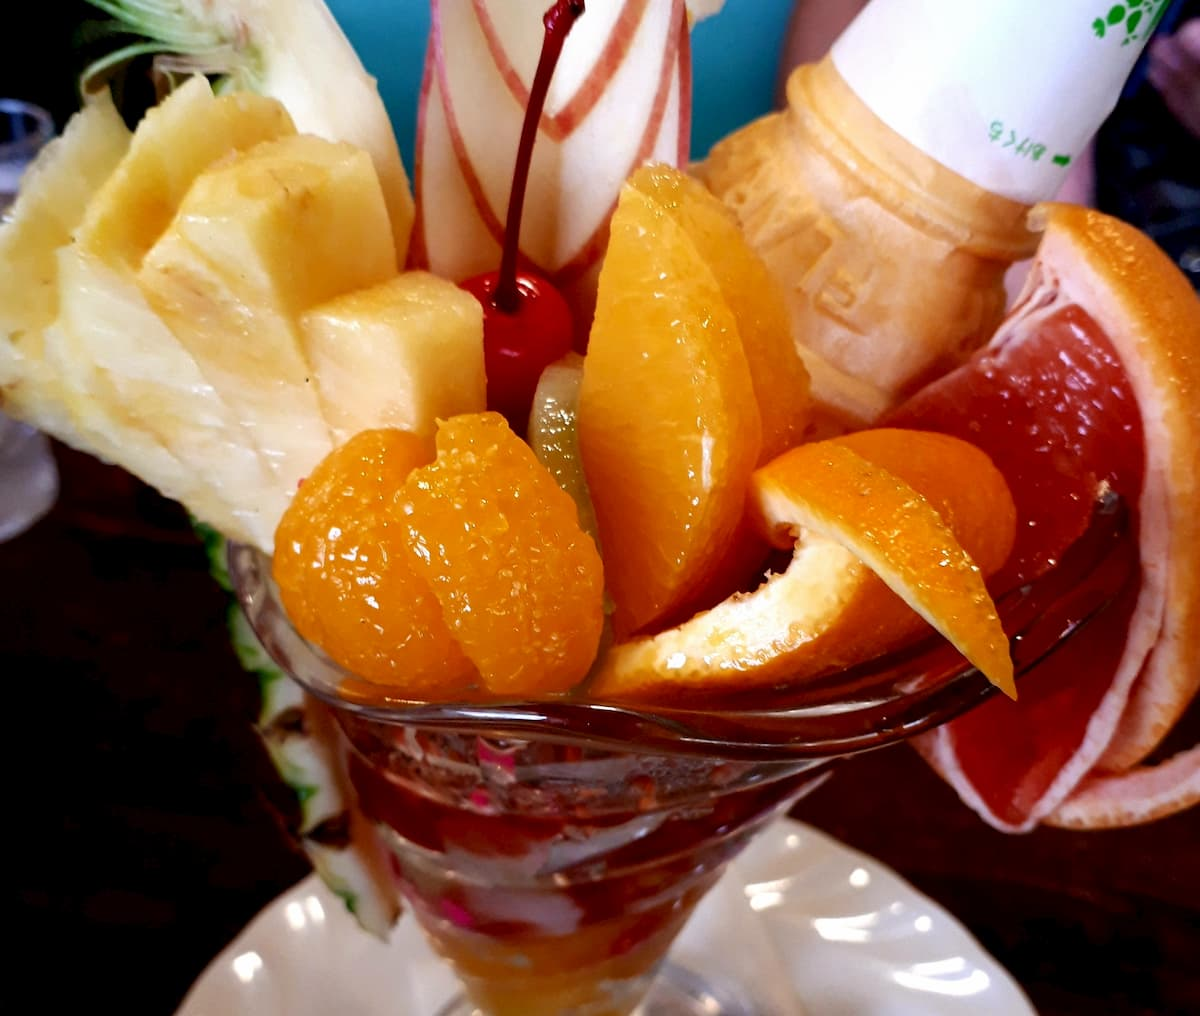 フルーツパーラーむらはたのフルーツパフェ